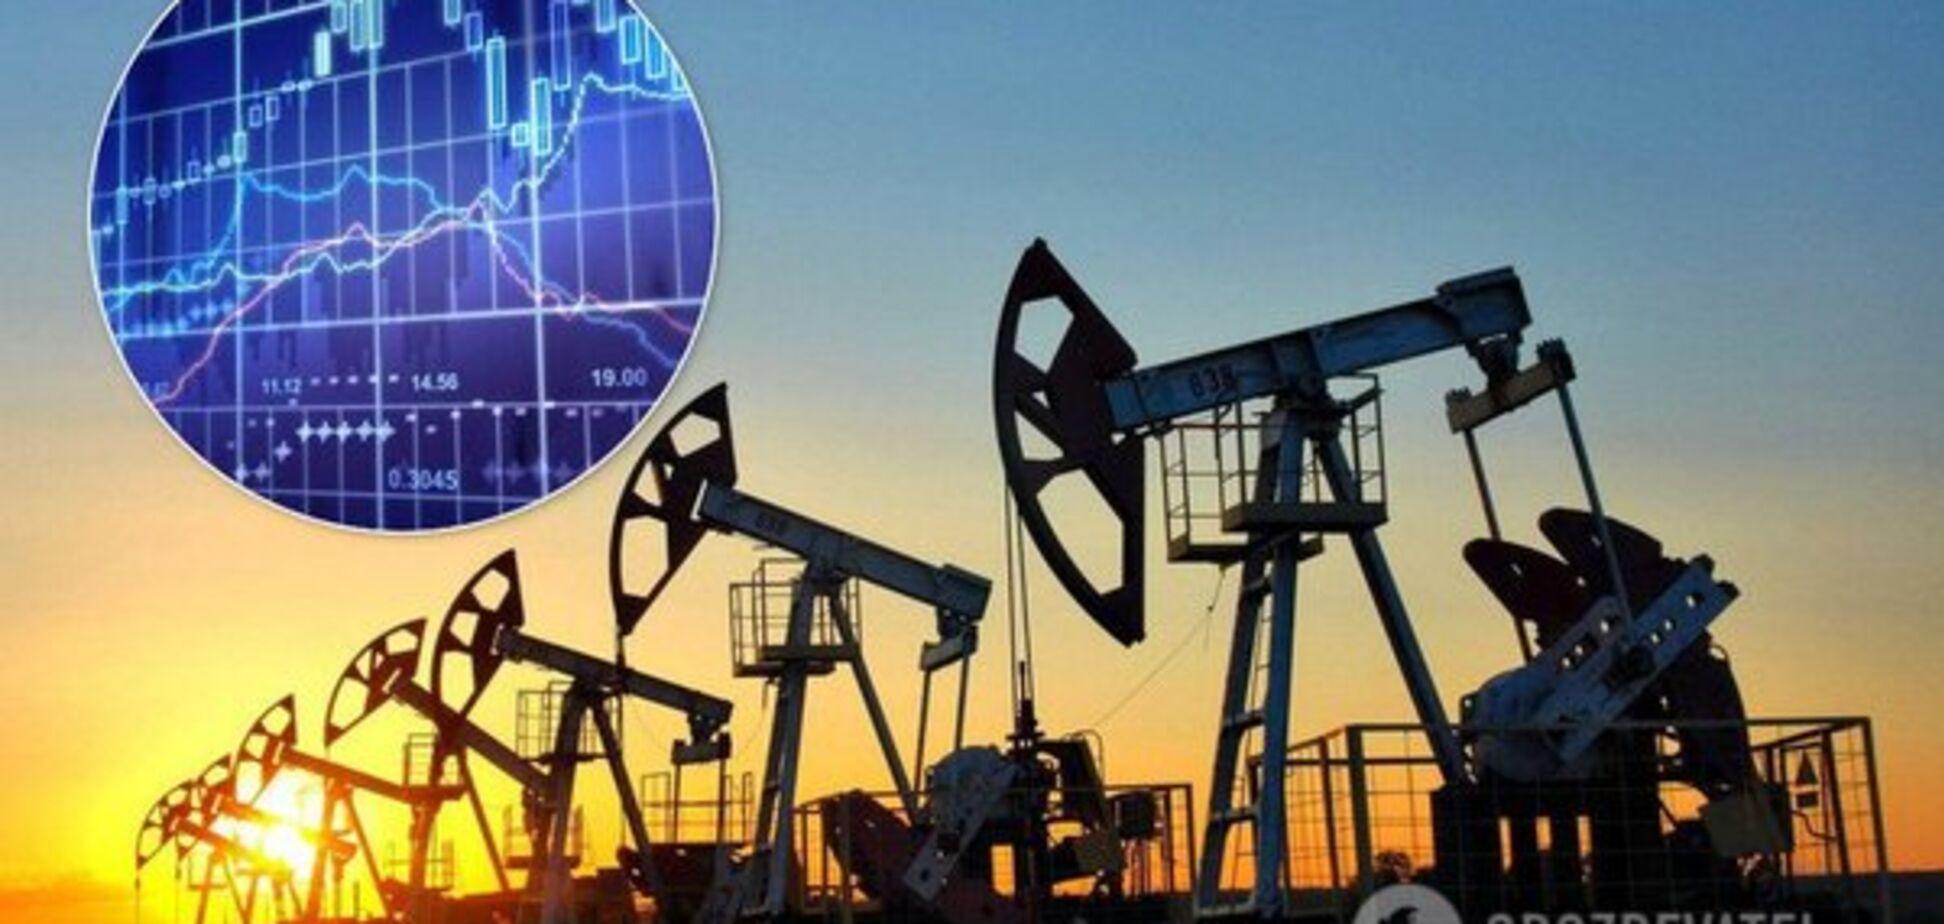 Ціни на нафту рекордно обвалилися й наблизилися до $30